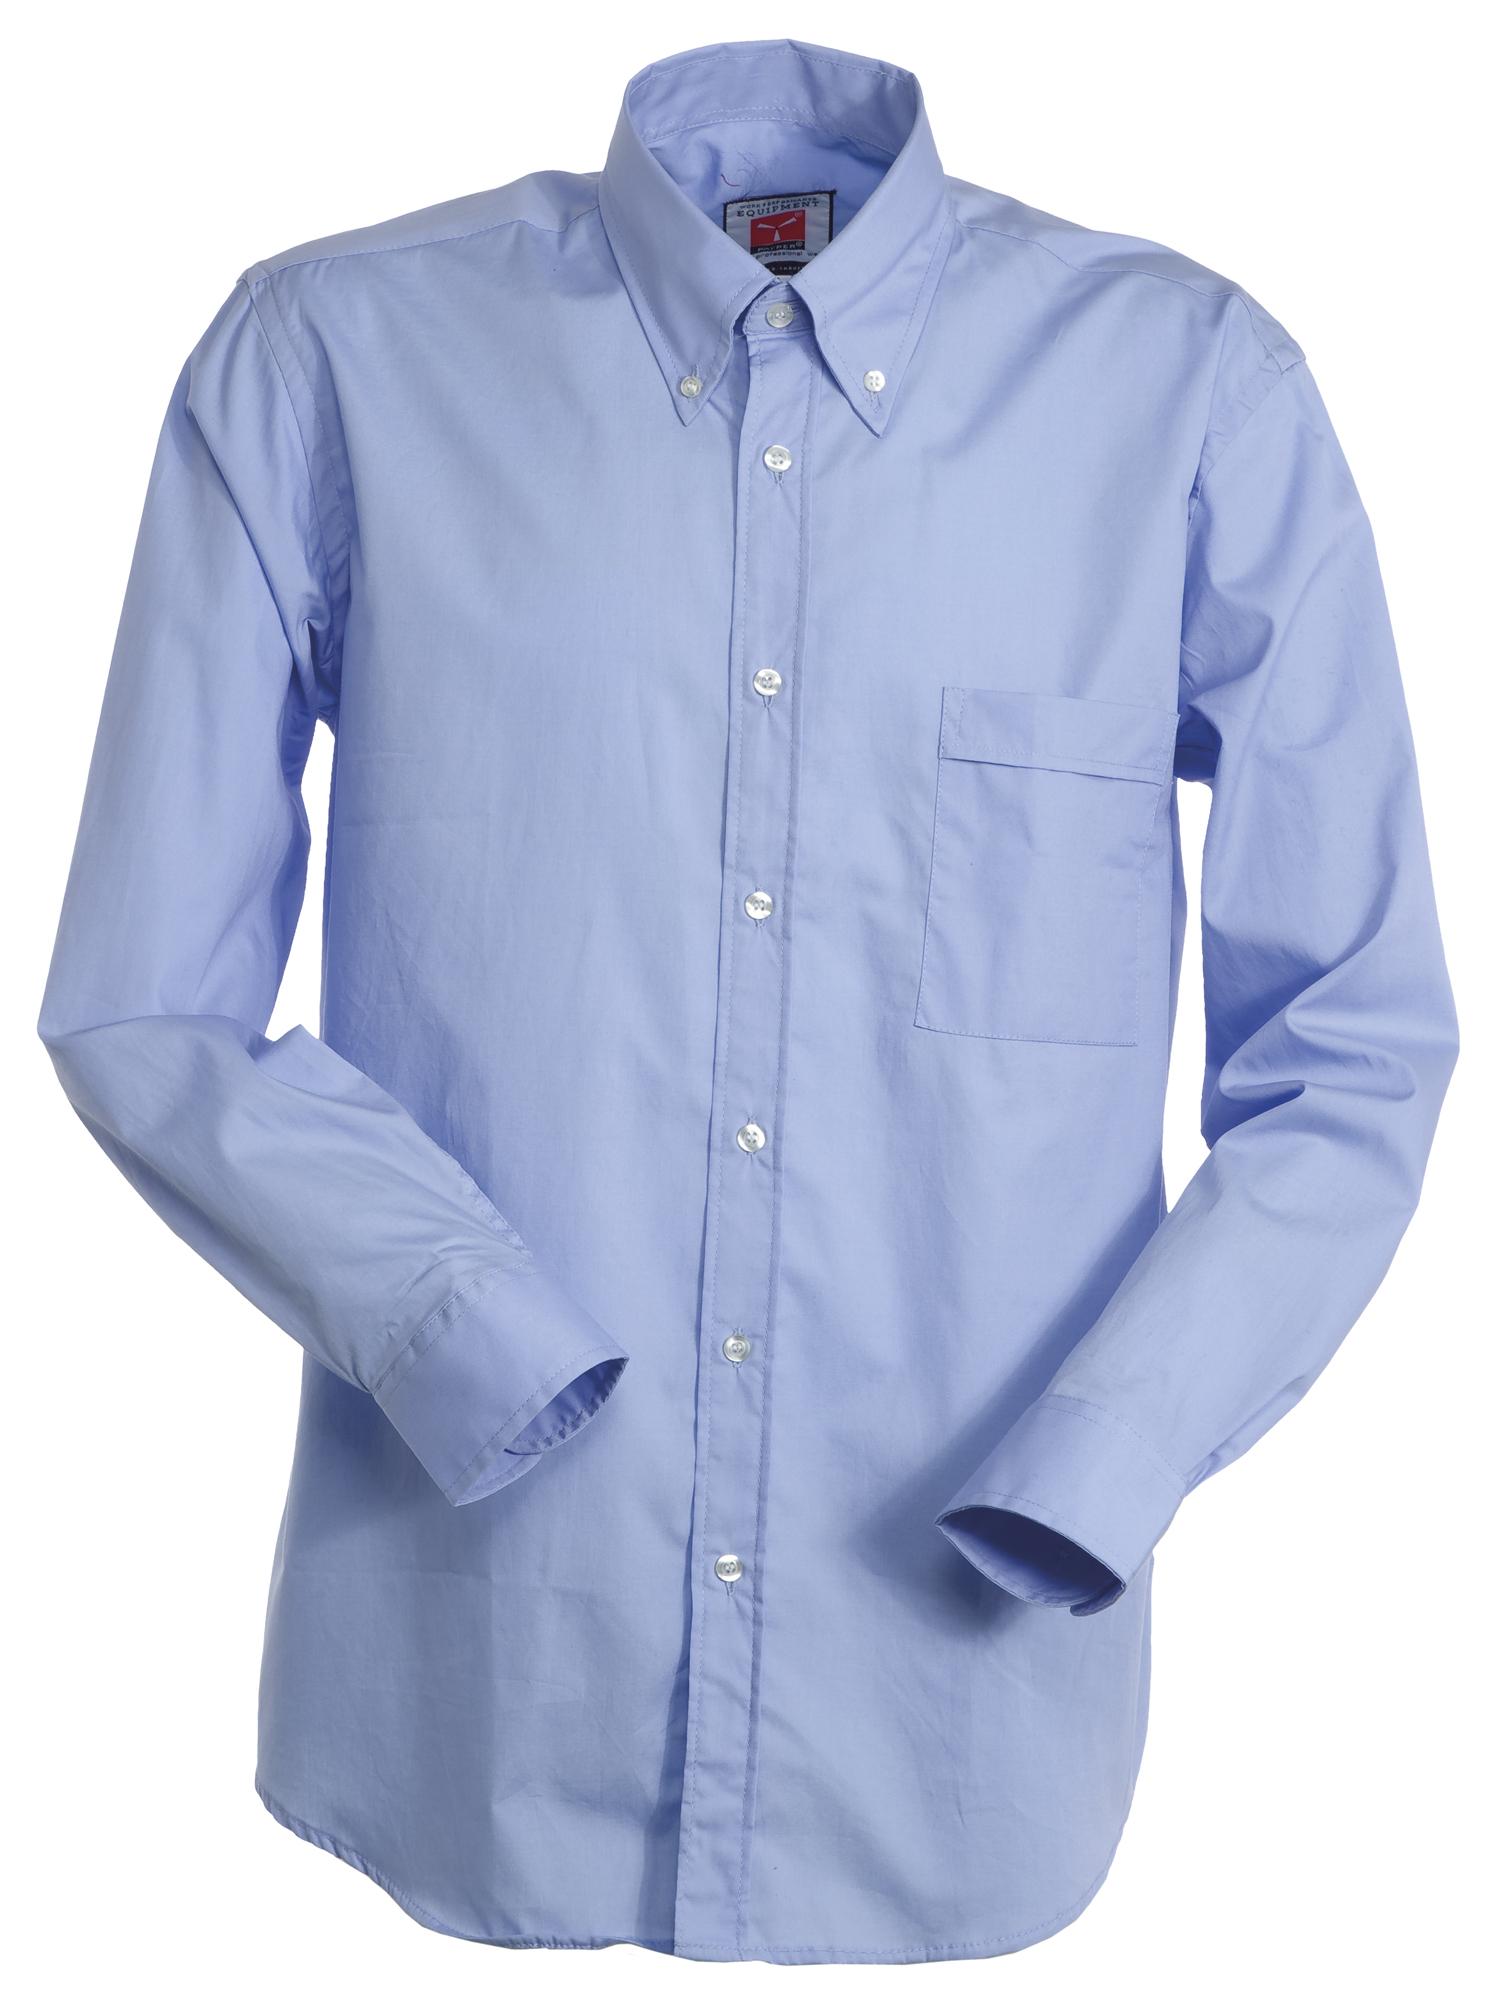 chemise blanche homme manche mousquetaire